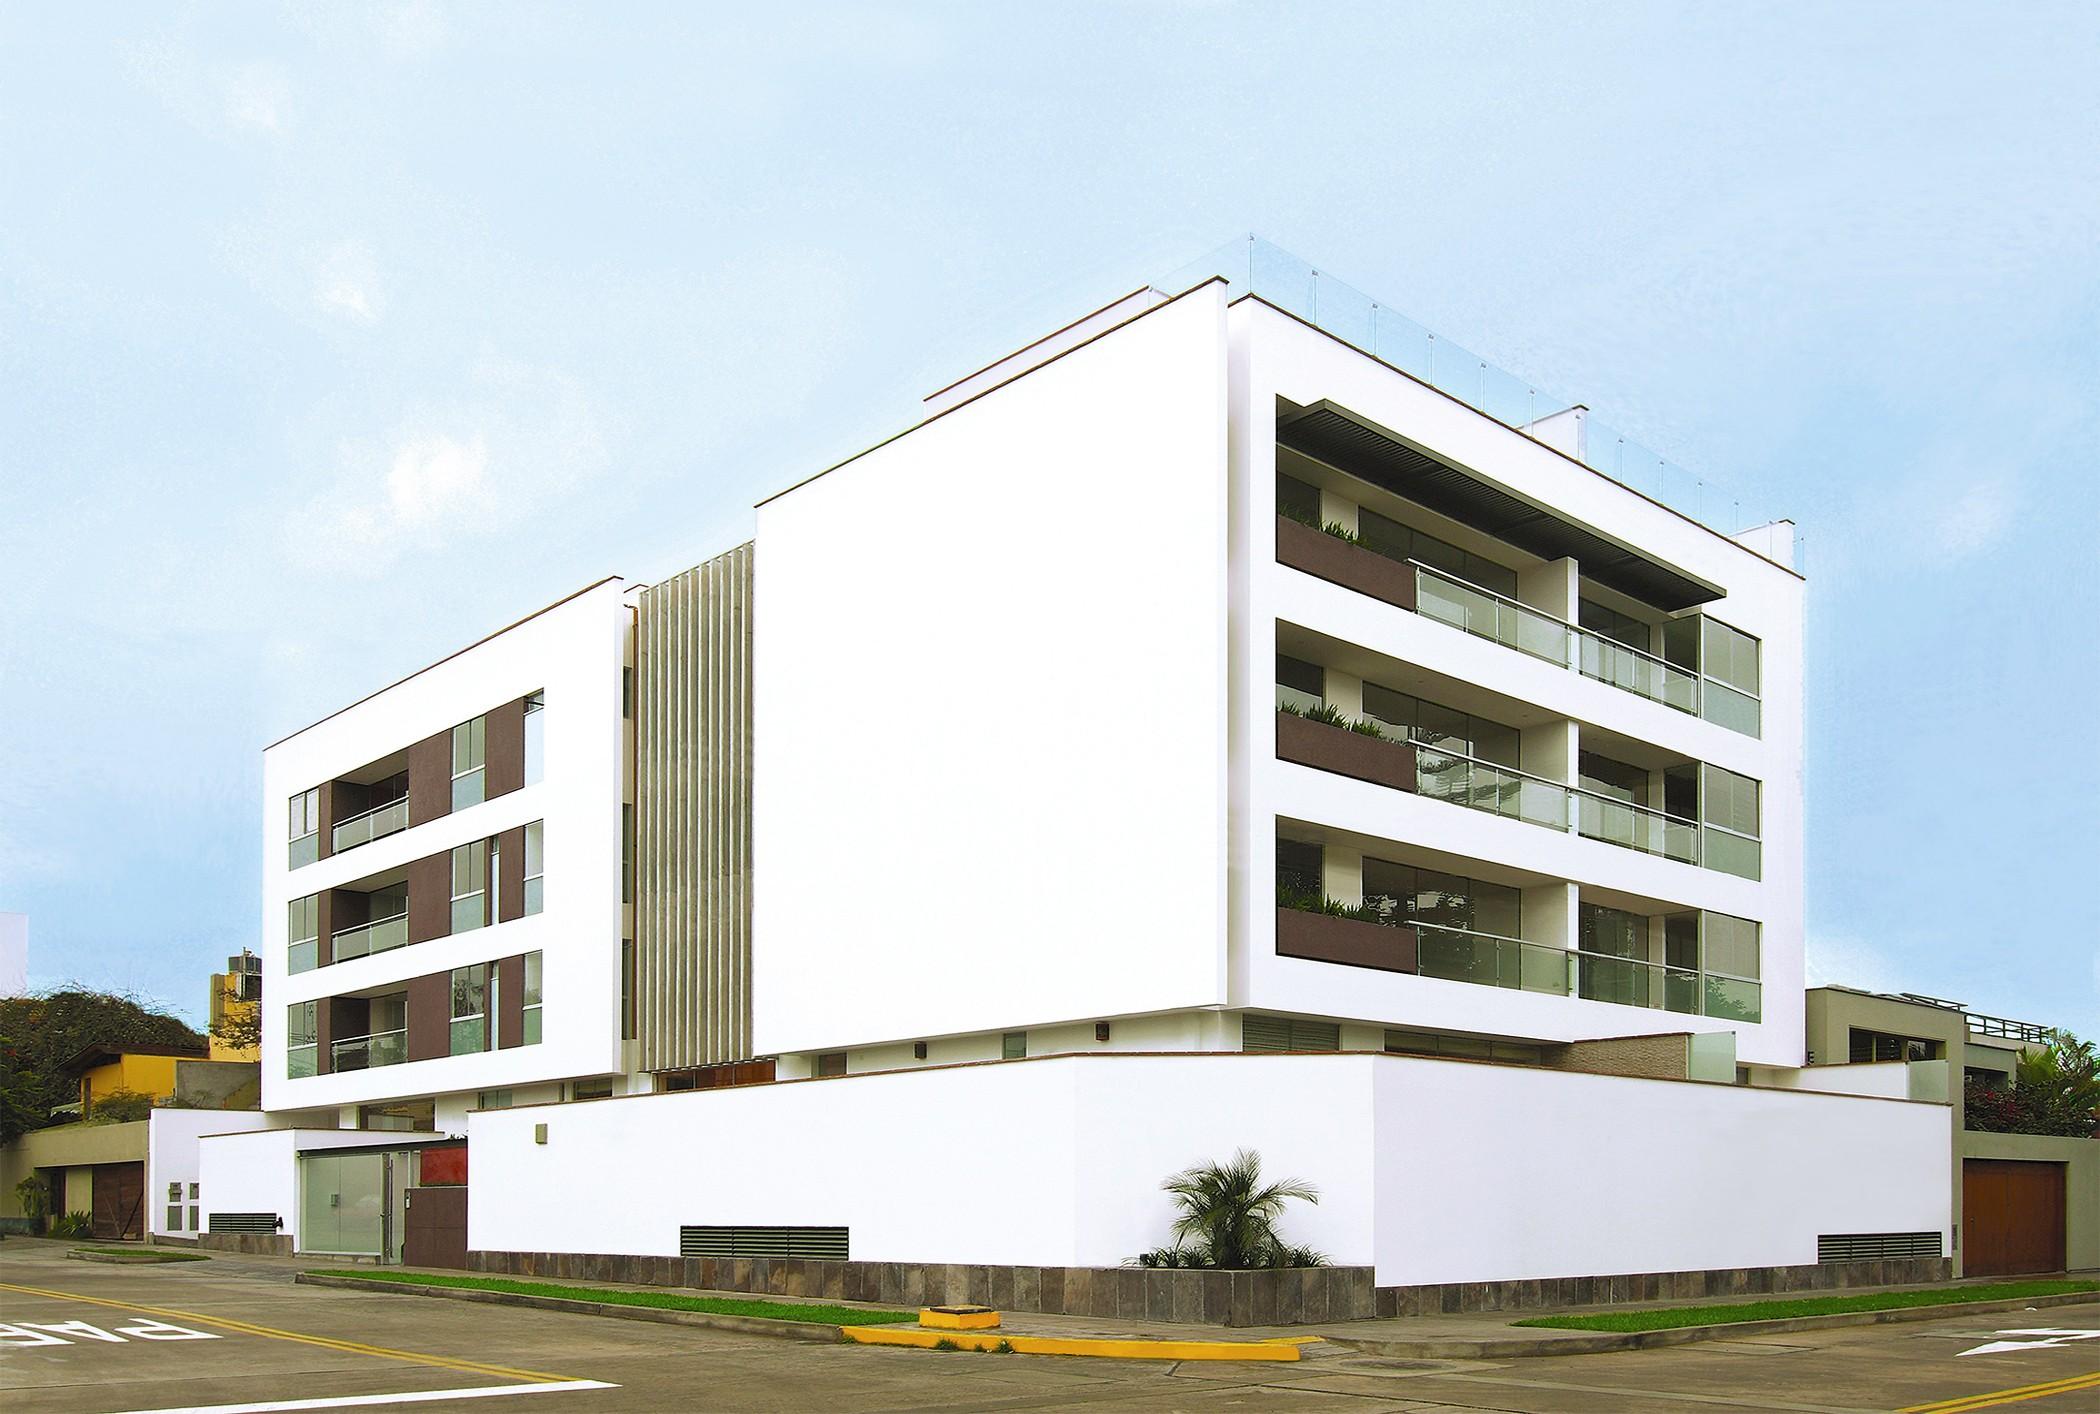 Edificio Multifamiliar Las Moras, Miraflores, Lima, Perú